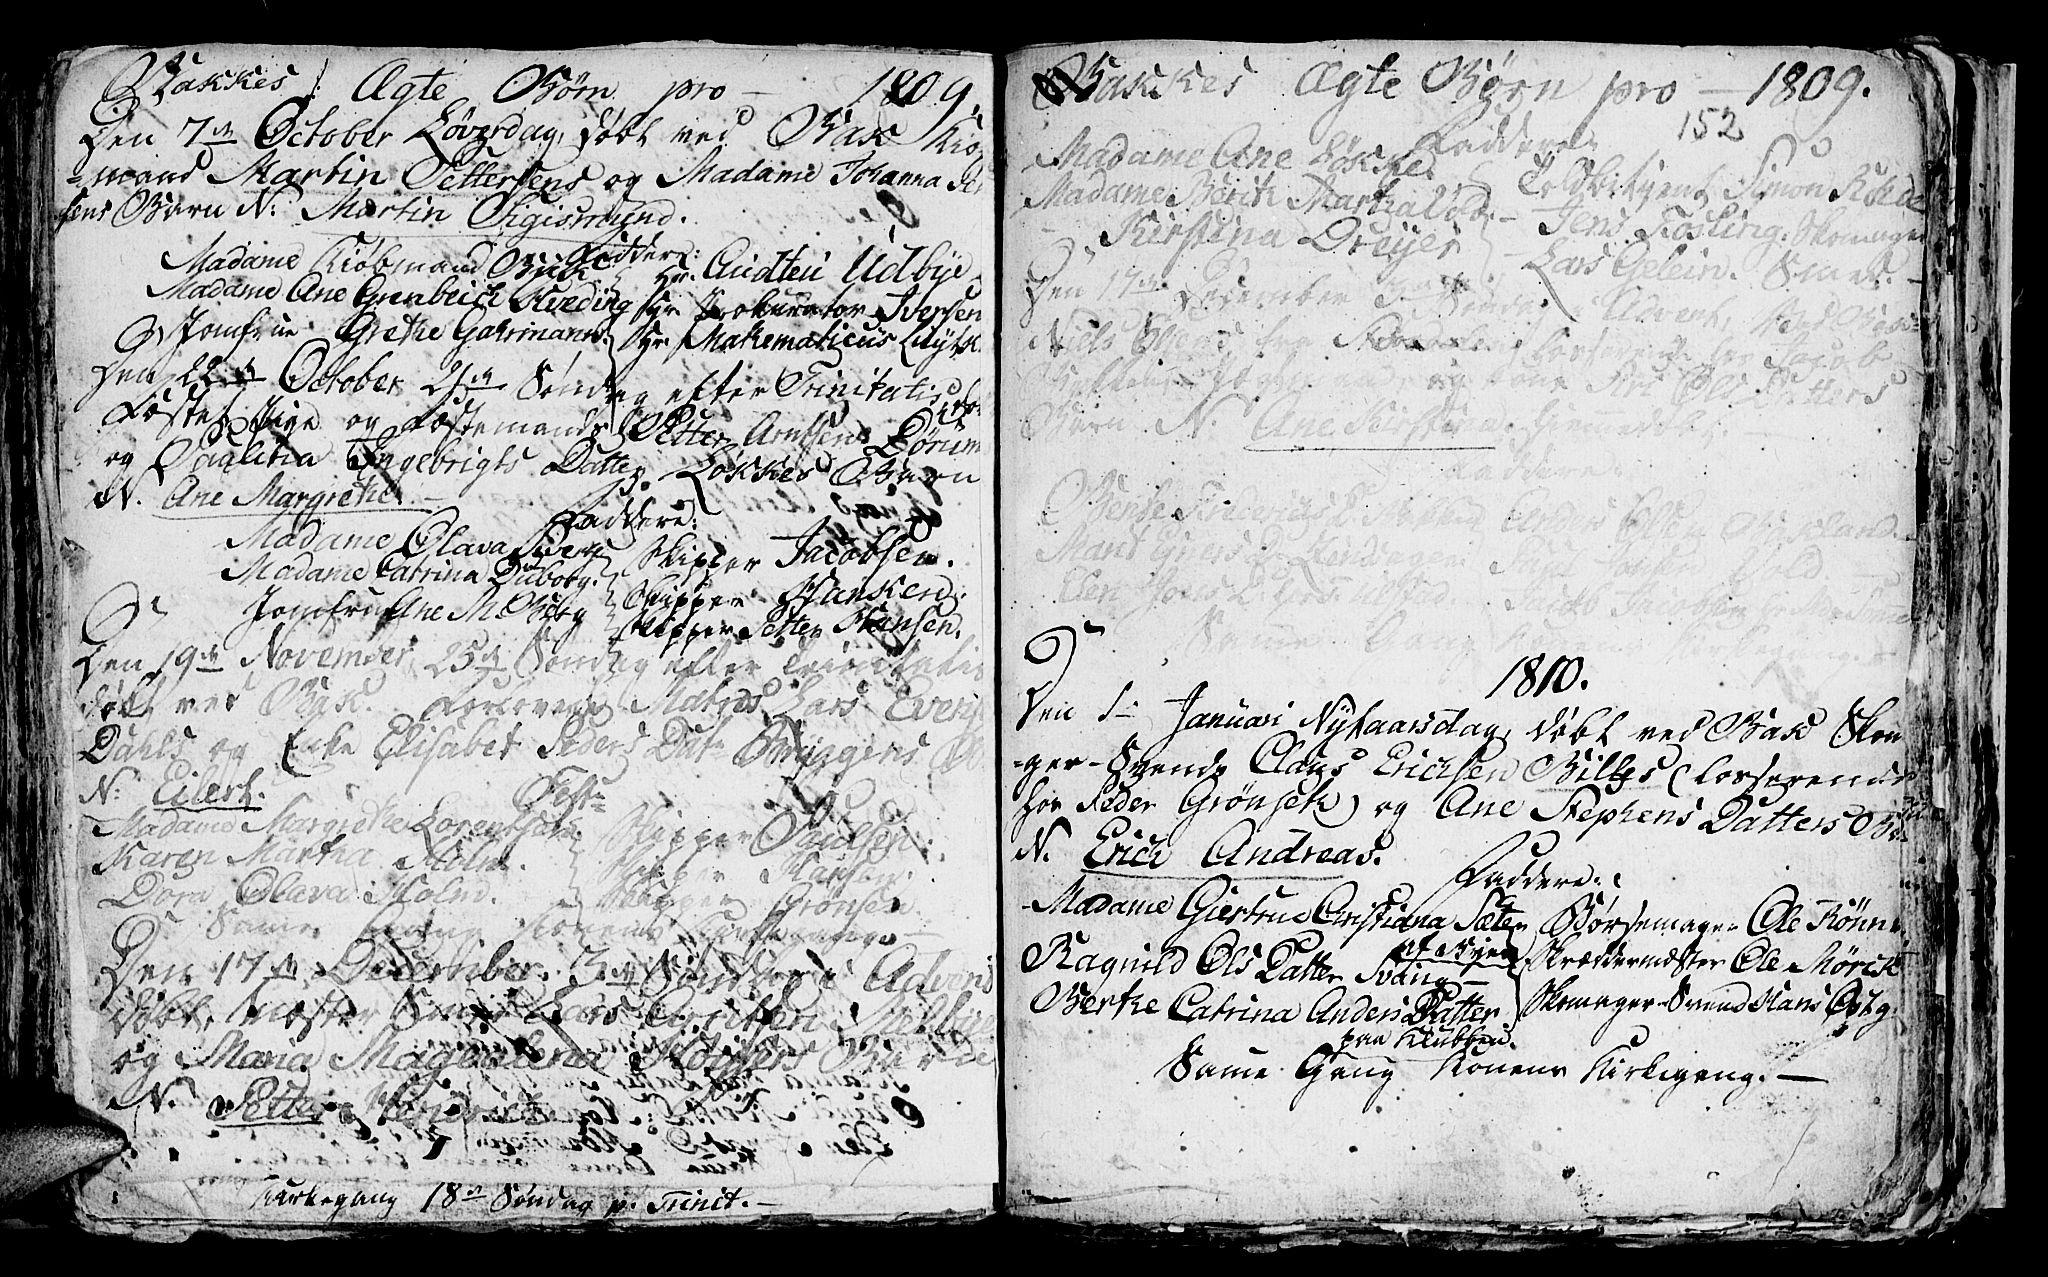 SAT, Ministerialprotokoller, klokkerbøker og fødselsregistre - Sør-Trøndelag, 604/L0218: Klokkerbok nr. 604C01, 1754-1819, s. 152